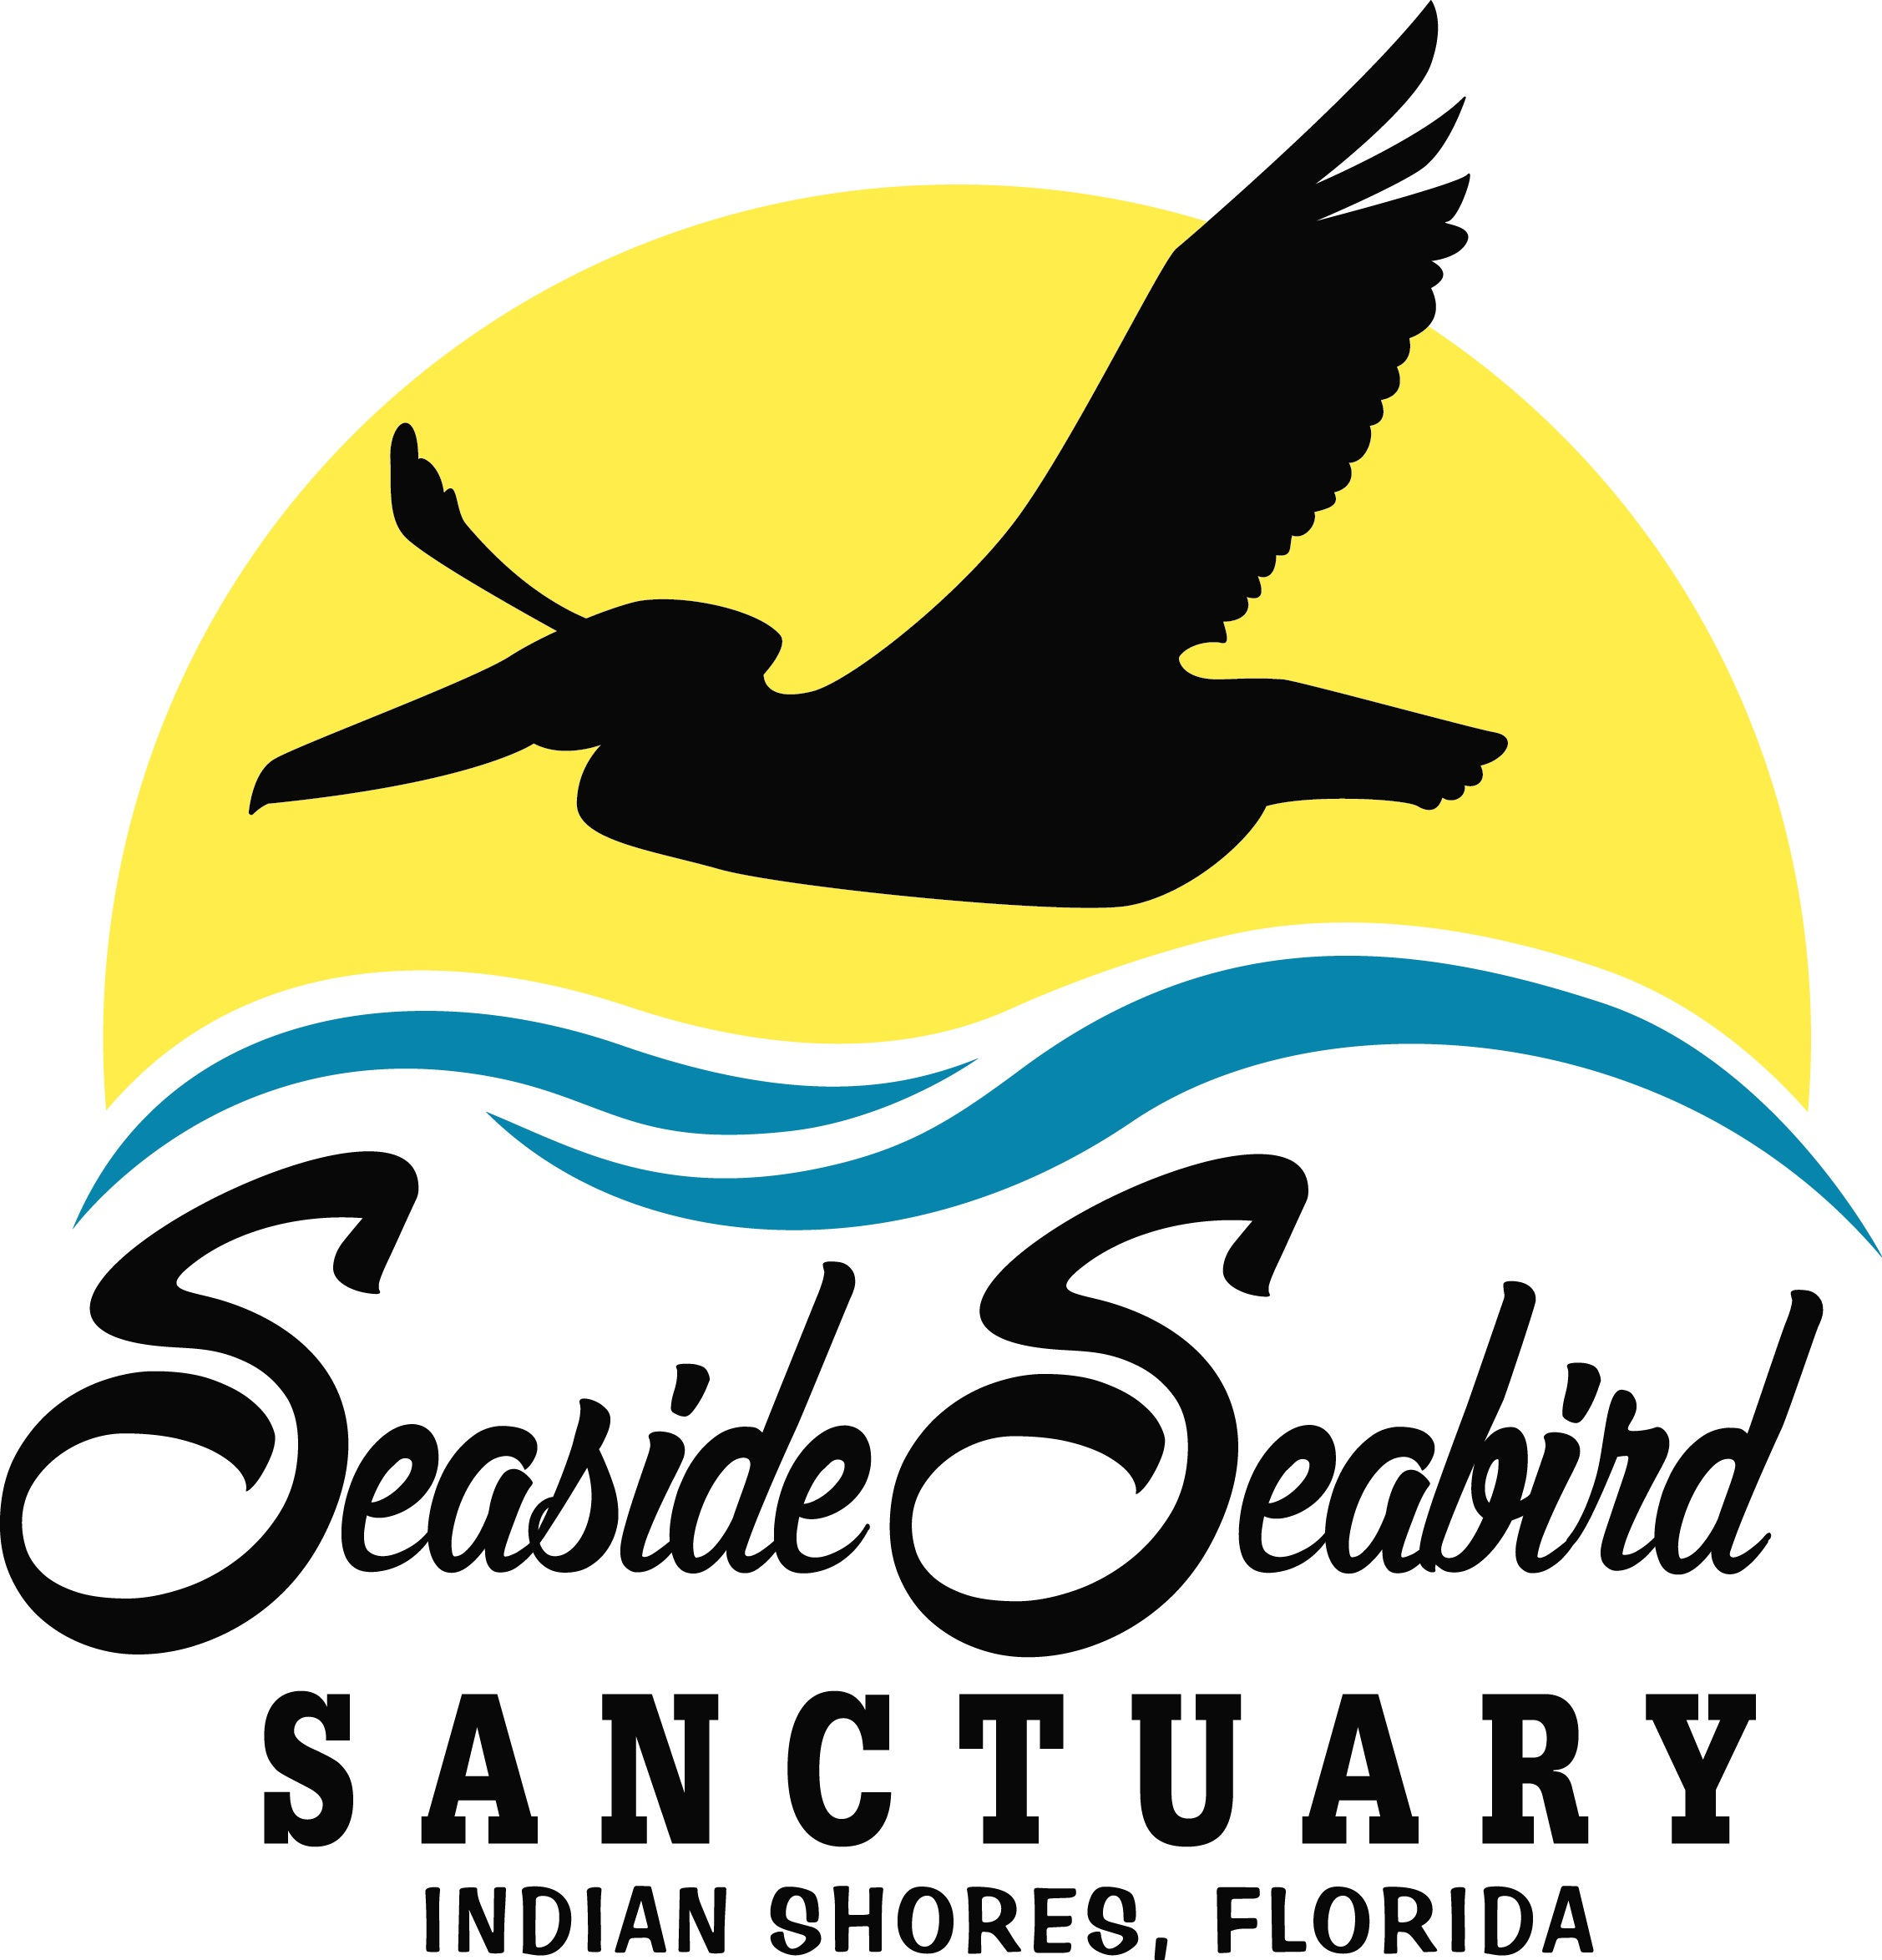 seaside-seabird-sanctuary.jpg